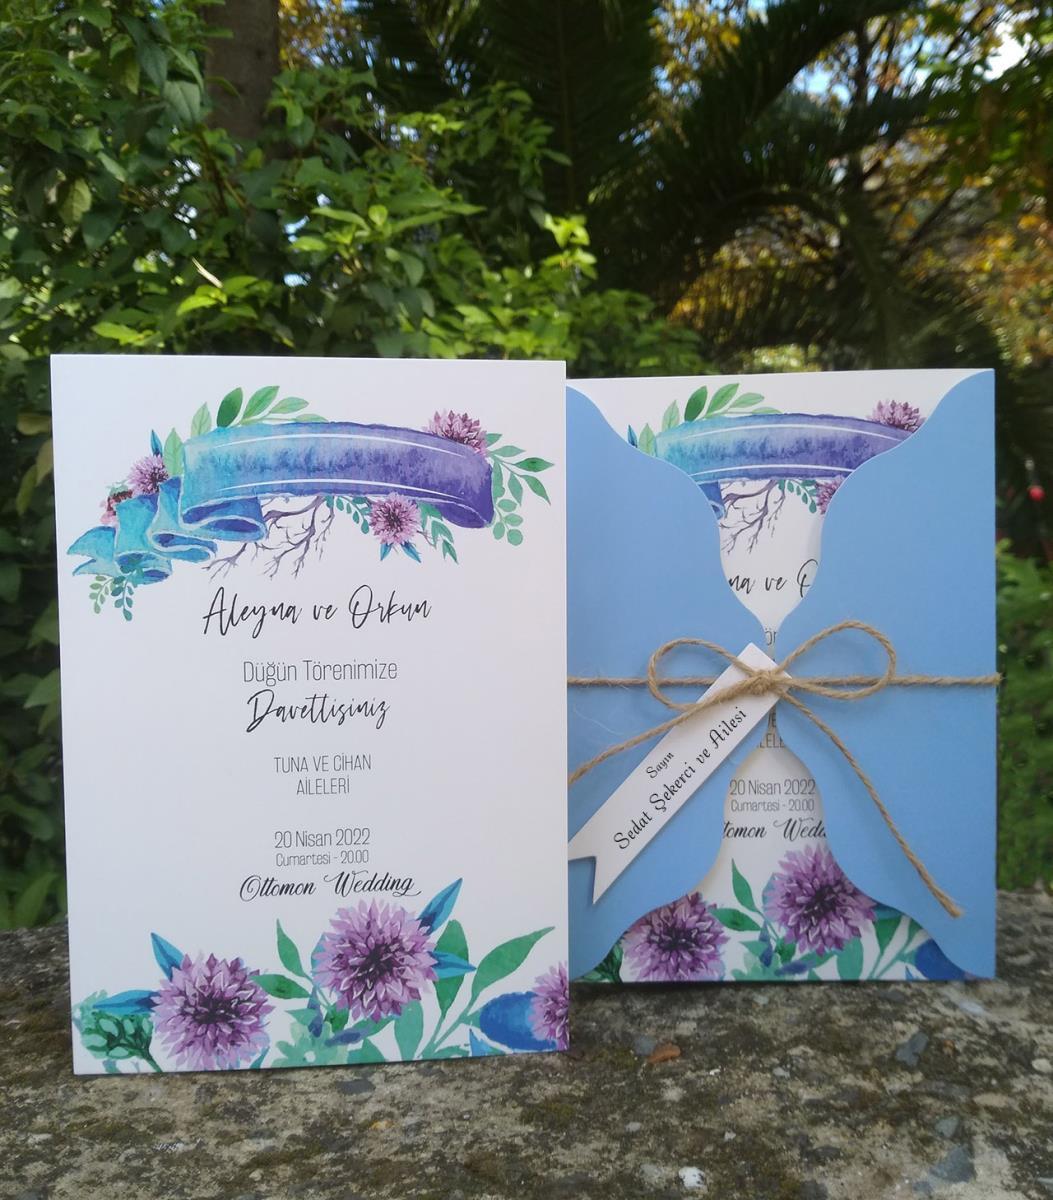 Sulu boya çiçek dekor baskılı düğün davetiyesi. Kraft kapak ham ip ile bağlanmaktadır, dekor baskılı isimlik ve çiçek ile süslenmektedir.